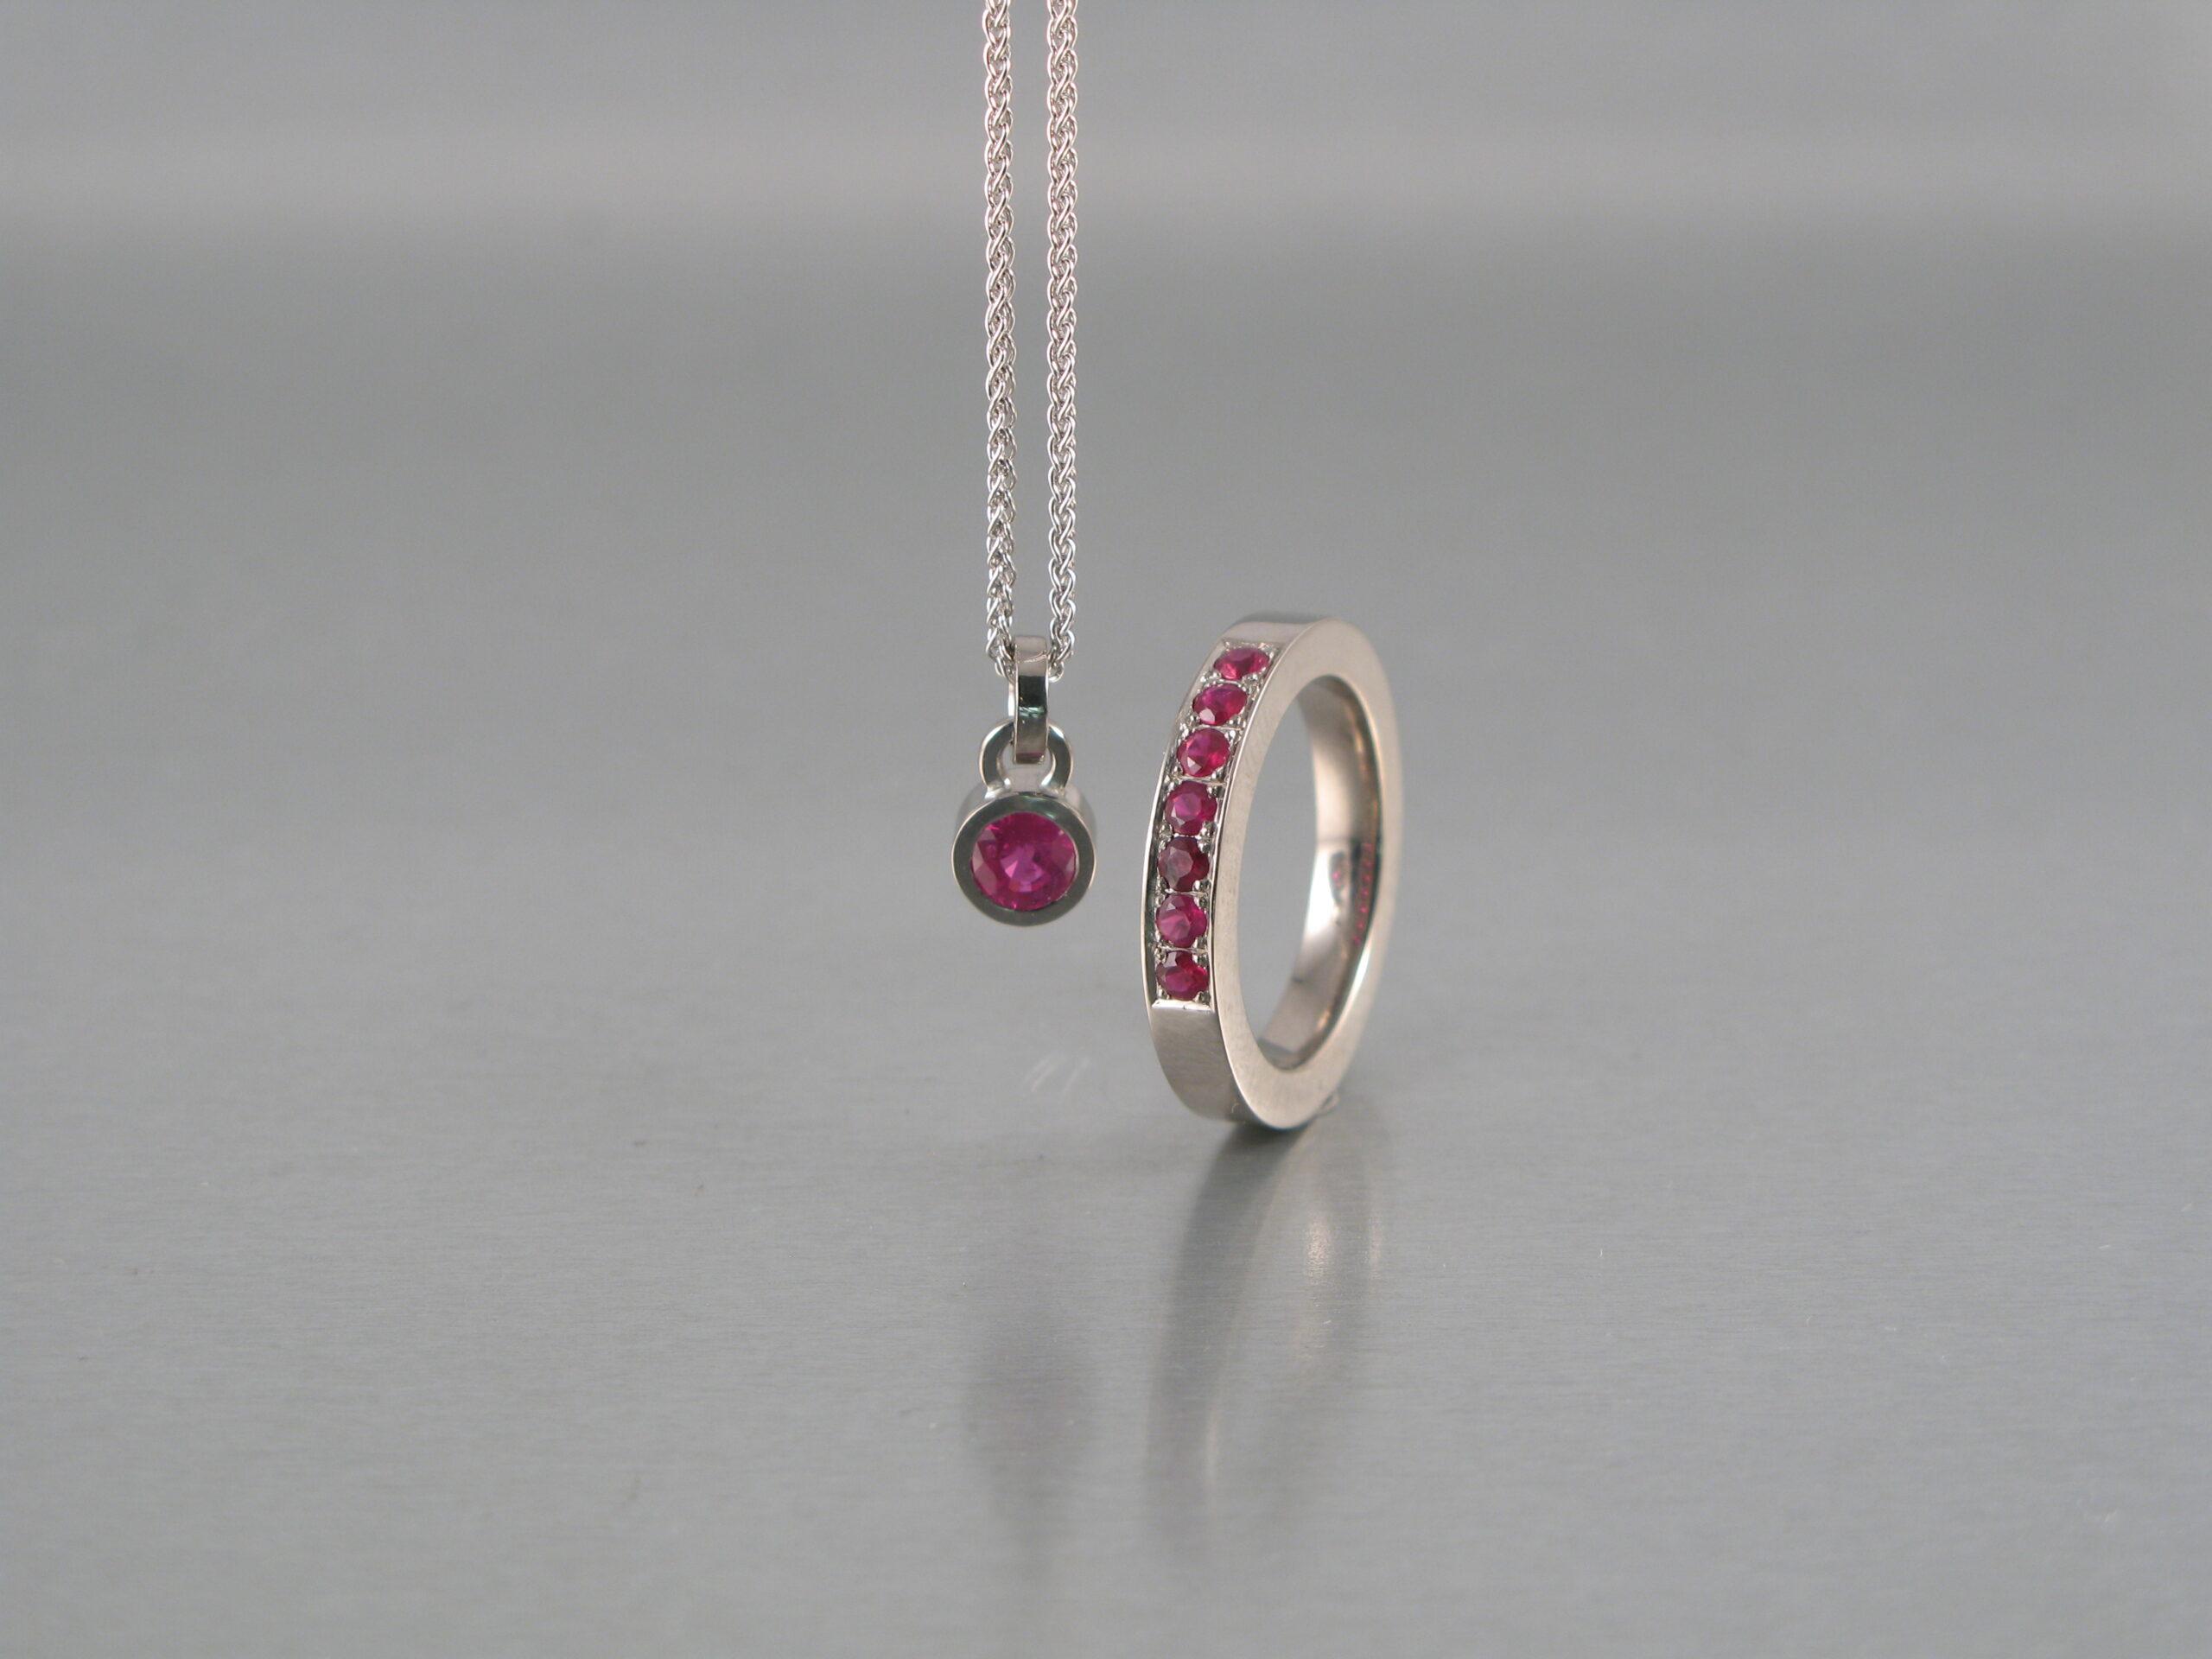 Collier, akvamarin med lås i guld. Ring, silver, guld och akvamarin